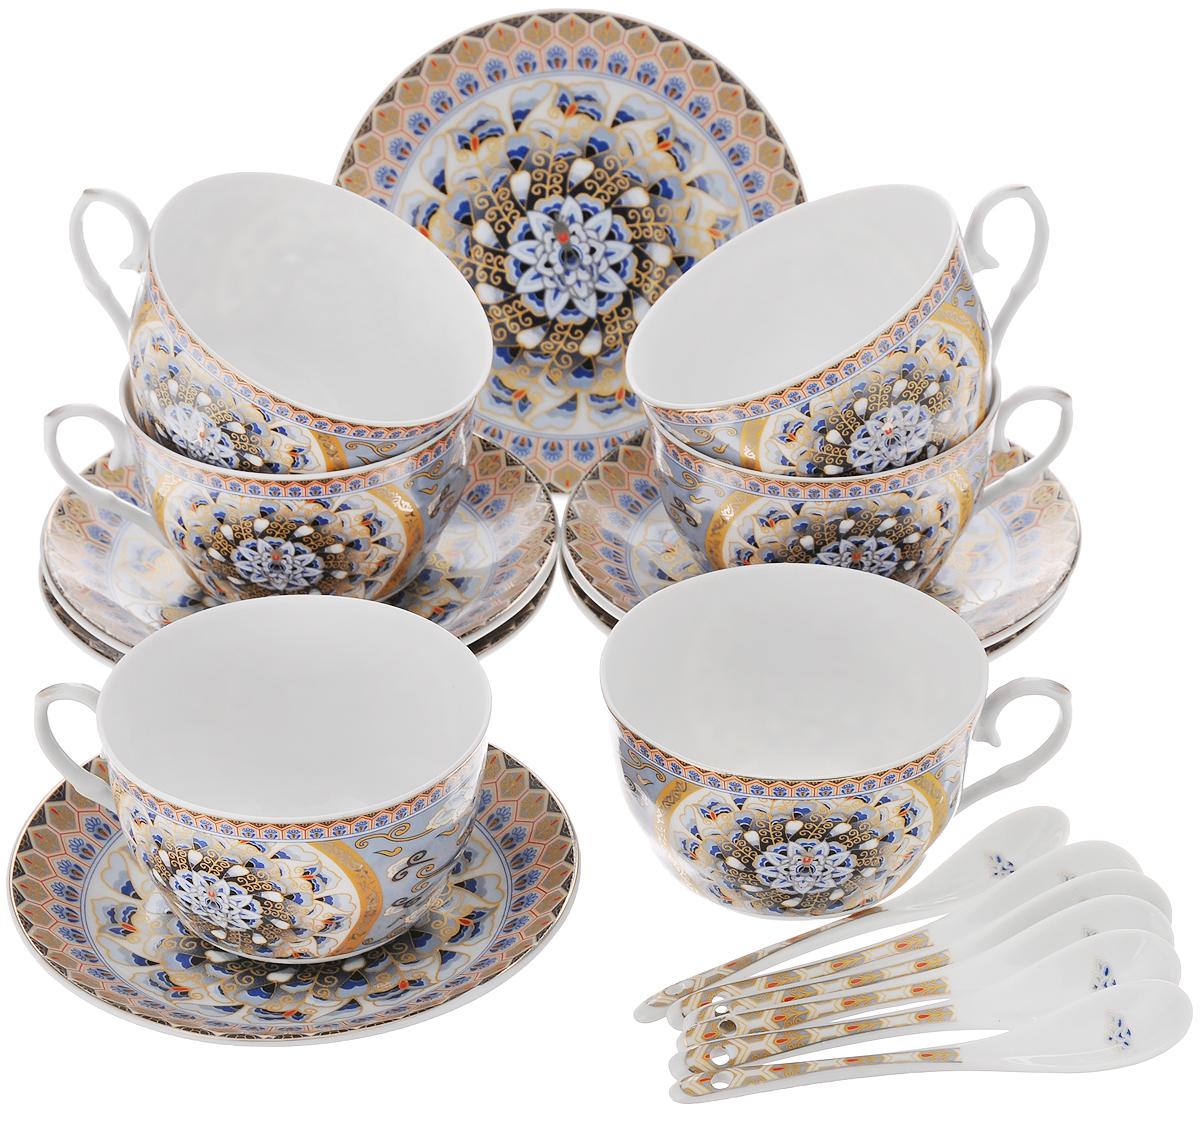 Набор чайный Elan Gallery Калейдоскоп, с ложками, 18 предметов730485Чайный набор Elan Gallery Калейдоскоп состоит из 6 чашек, 6 блюдец и 6 ложечек, изготовленных из высококачественной керамики. Предметы набора декорированы изысканным узором. Чайный набор Elan Gallery Калейдоскоп украсит ваш кухонный стол, а также станет замечательным подарком друзьям и близким. Изделие упаковано в подарочную коробку с атласной подложкой. Не рекомендуется применять абразивные моющие средства. Не использовать в микроволновой печи. Объем чашки: 250 мл. Диаметр чашки по верхнему краю: 9,5 см. Высота чашки: 6 см. Диаметр блюдца: 14 см. Длина ложки: 12,5 см.